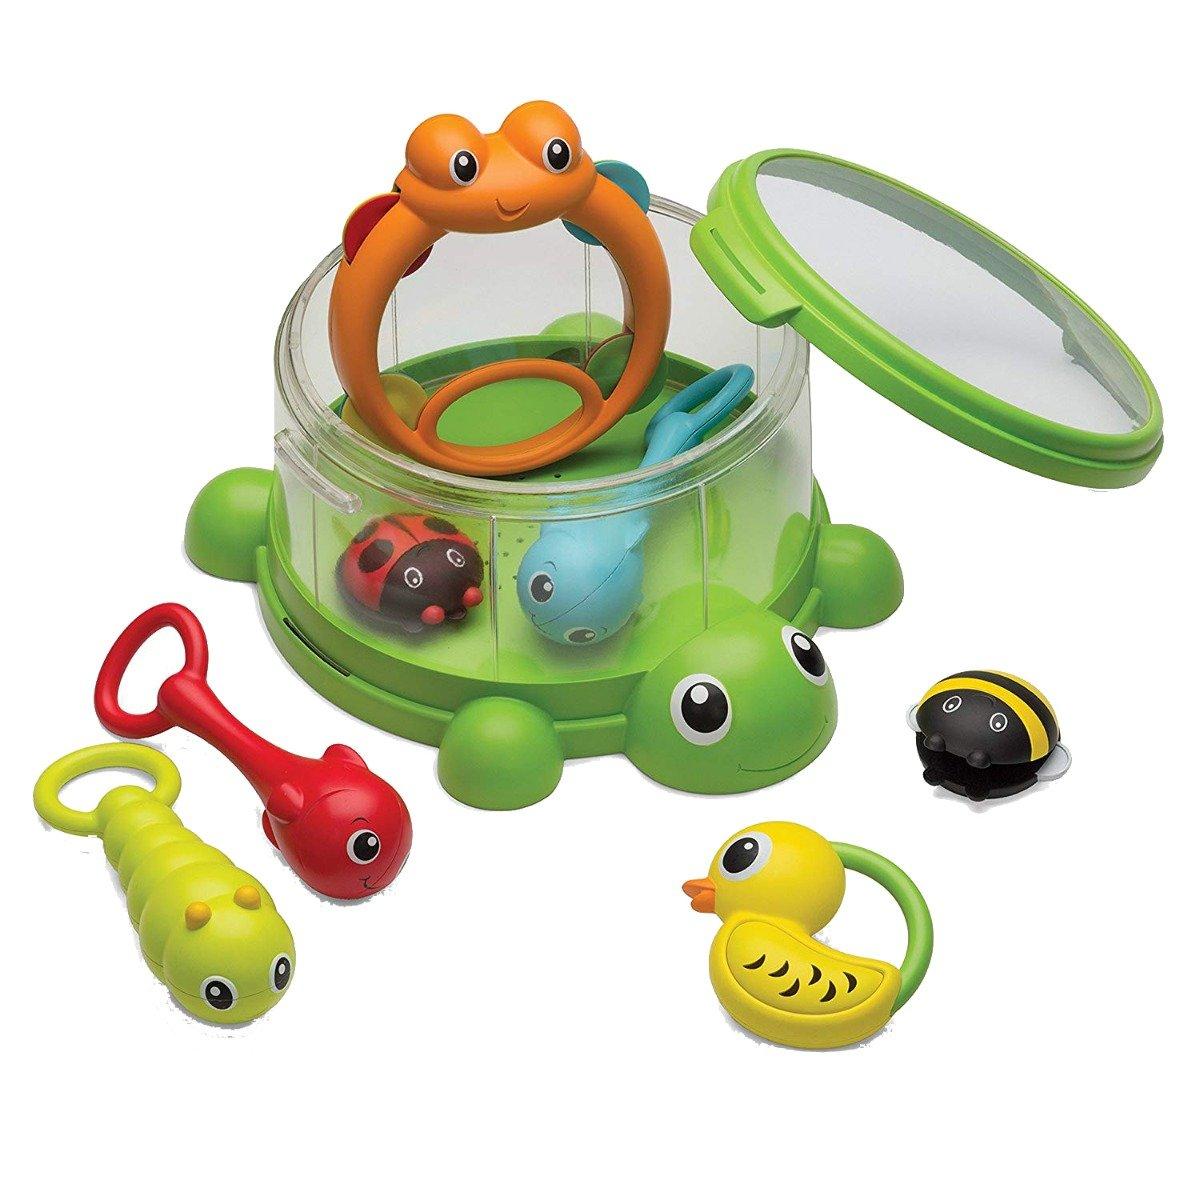 Jucarie bebelusi B Kids Turtle Cover Band 8 instrumente percurtie imagine 2021